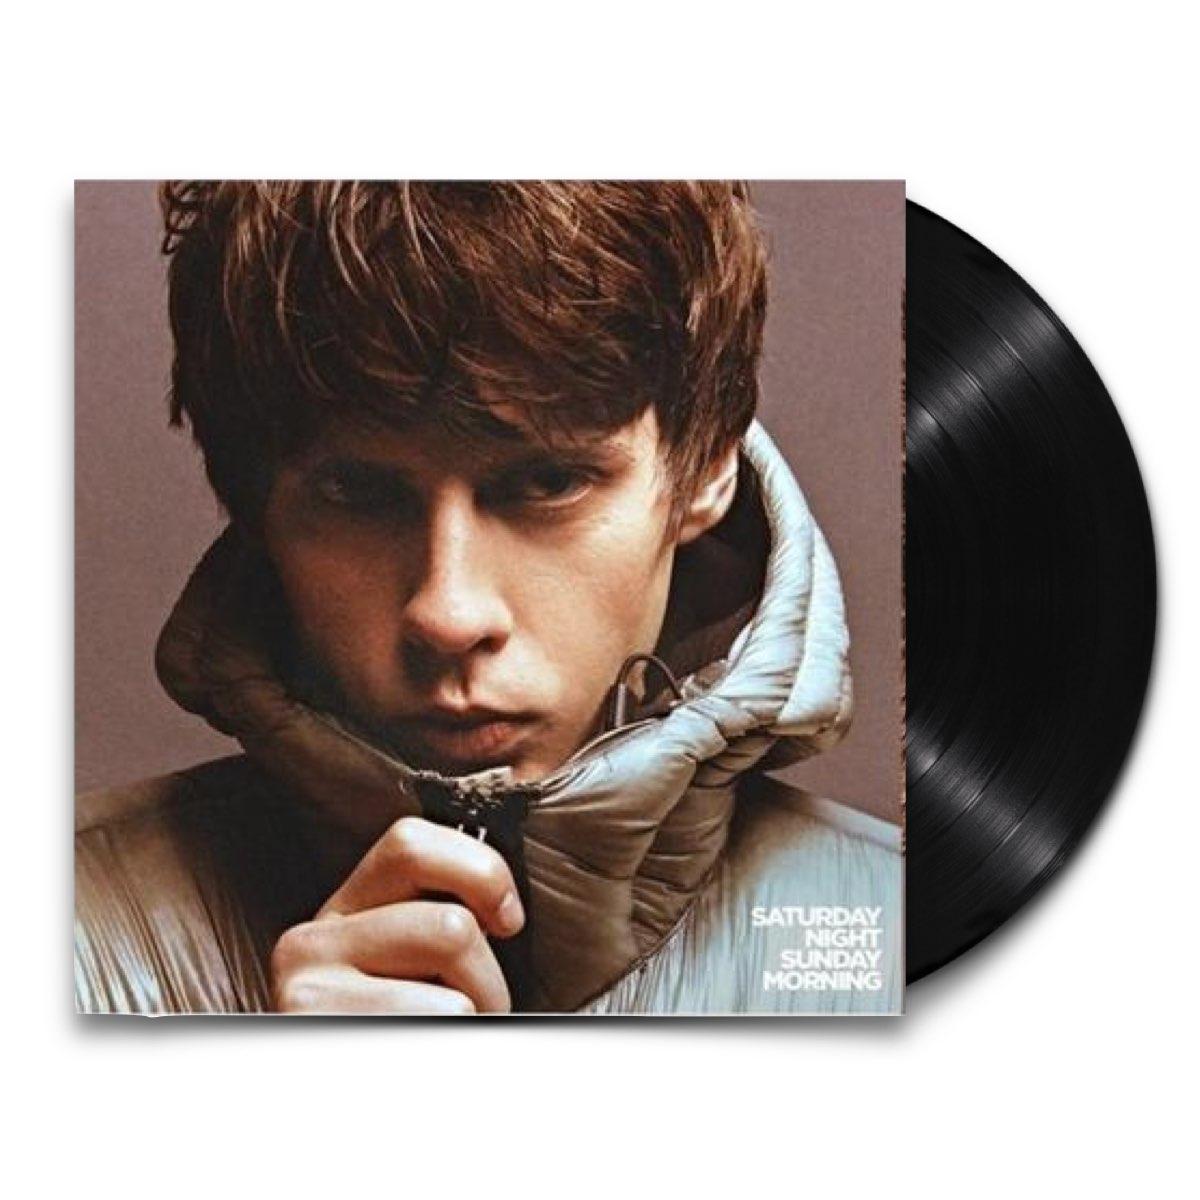 Jake Bugg - Saturday Night Sunday Morning [Black Vinyl - AUTOGRAFADO]